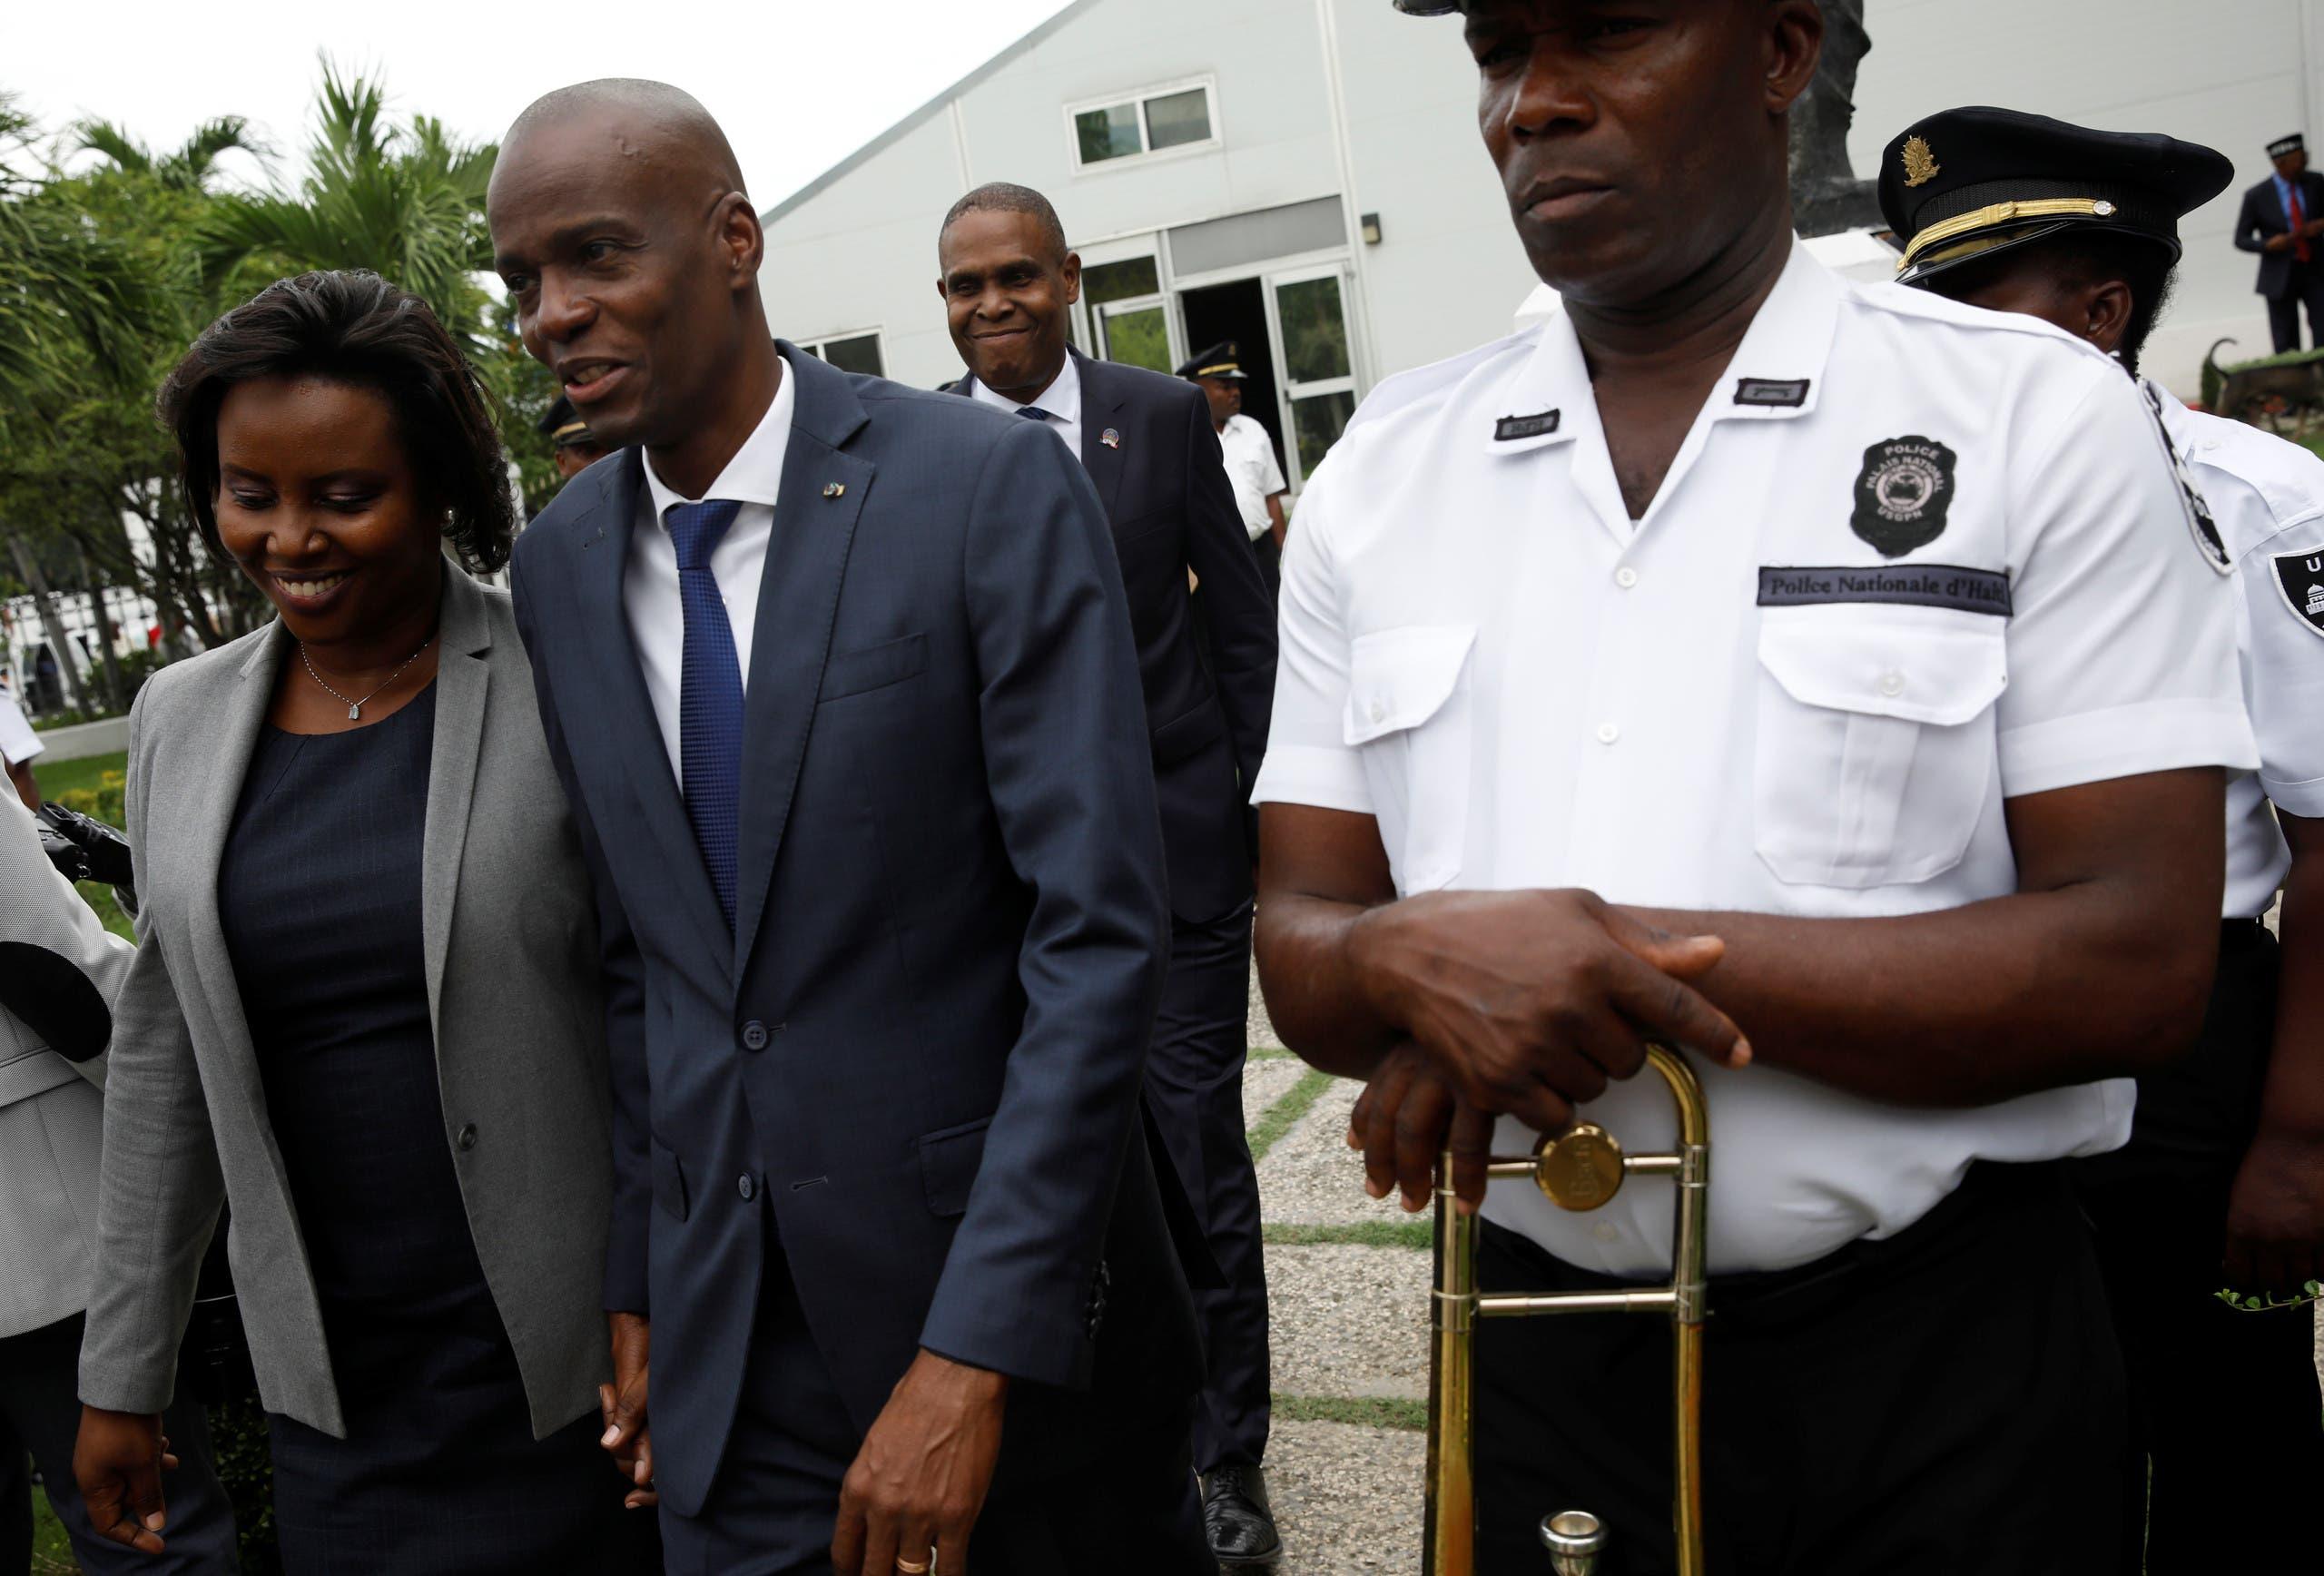 رئيس هايتي جوفينيل مويز وزوجته (أرشيفية)